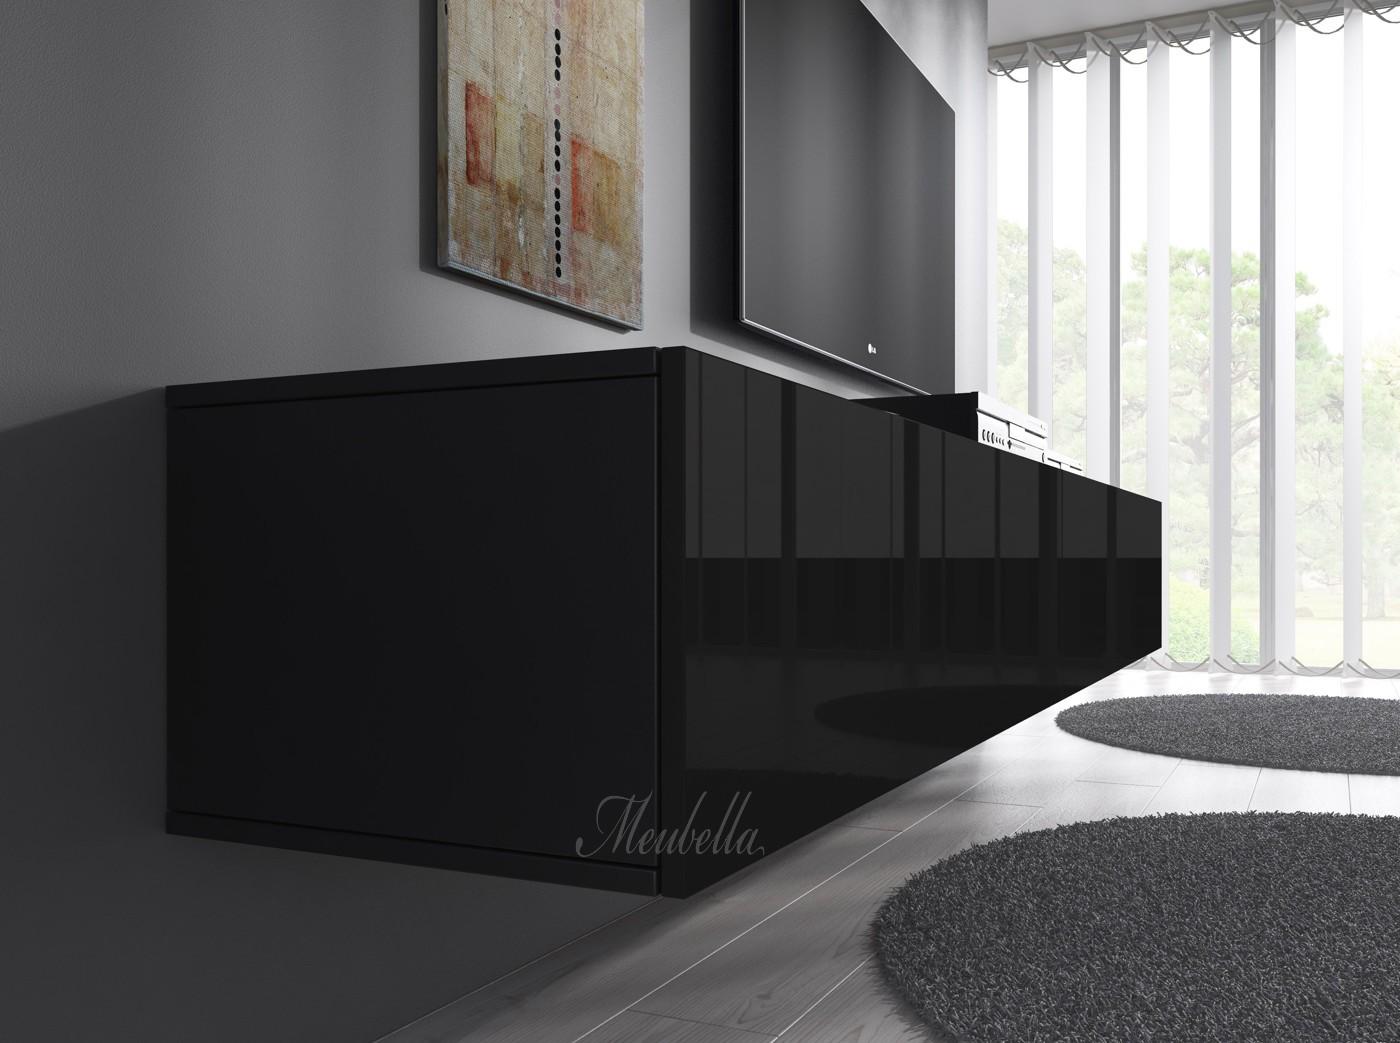 Tv meubel flame zwart 100 cm meubella for Tv meubel design outlet